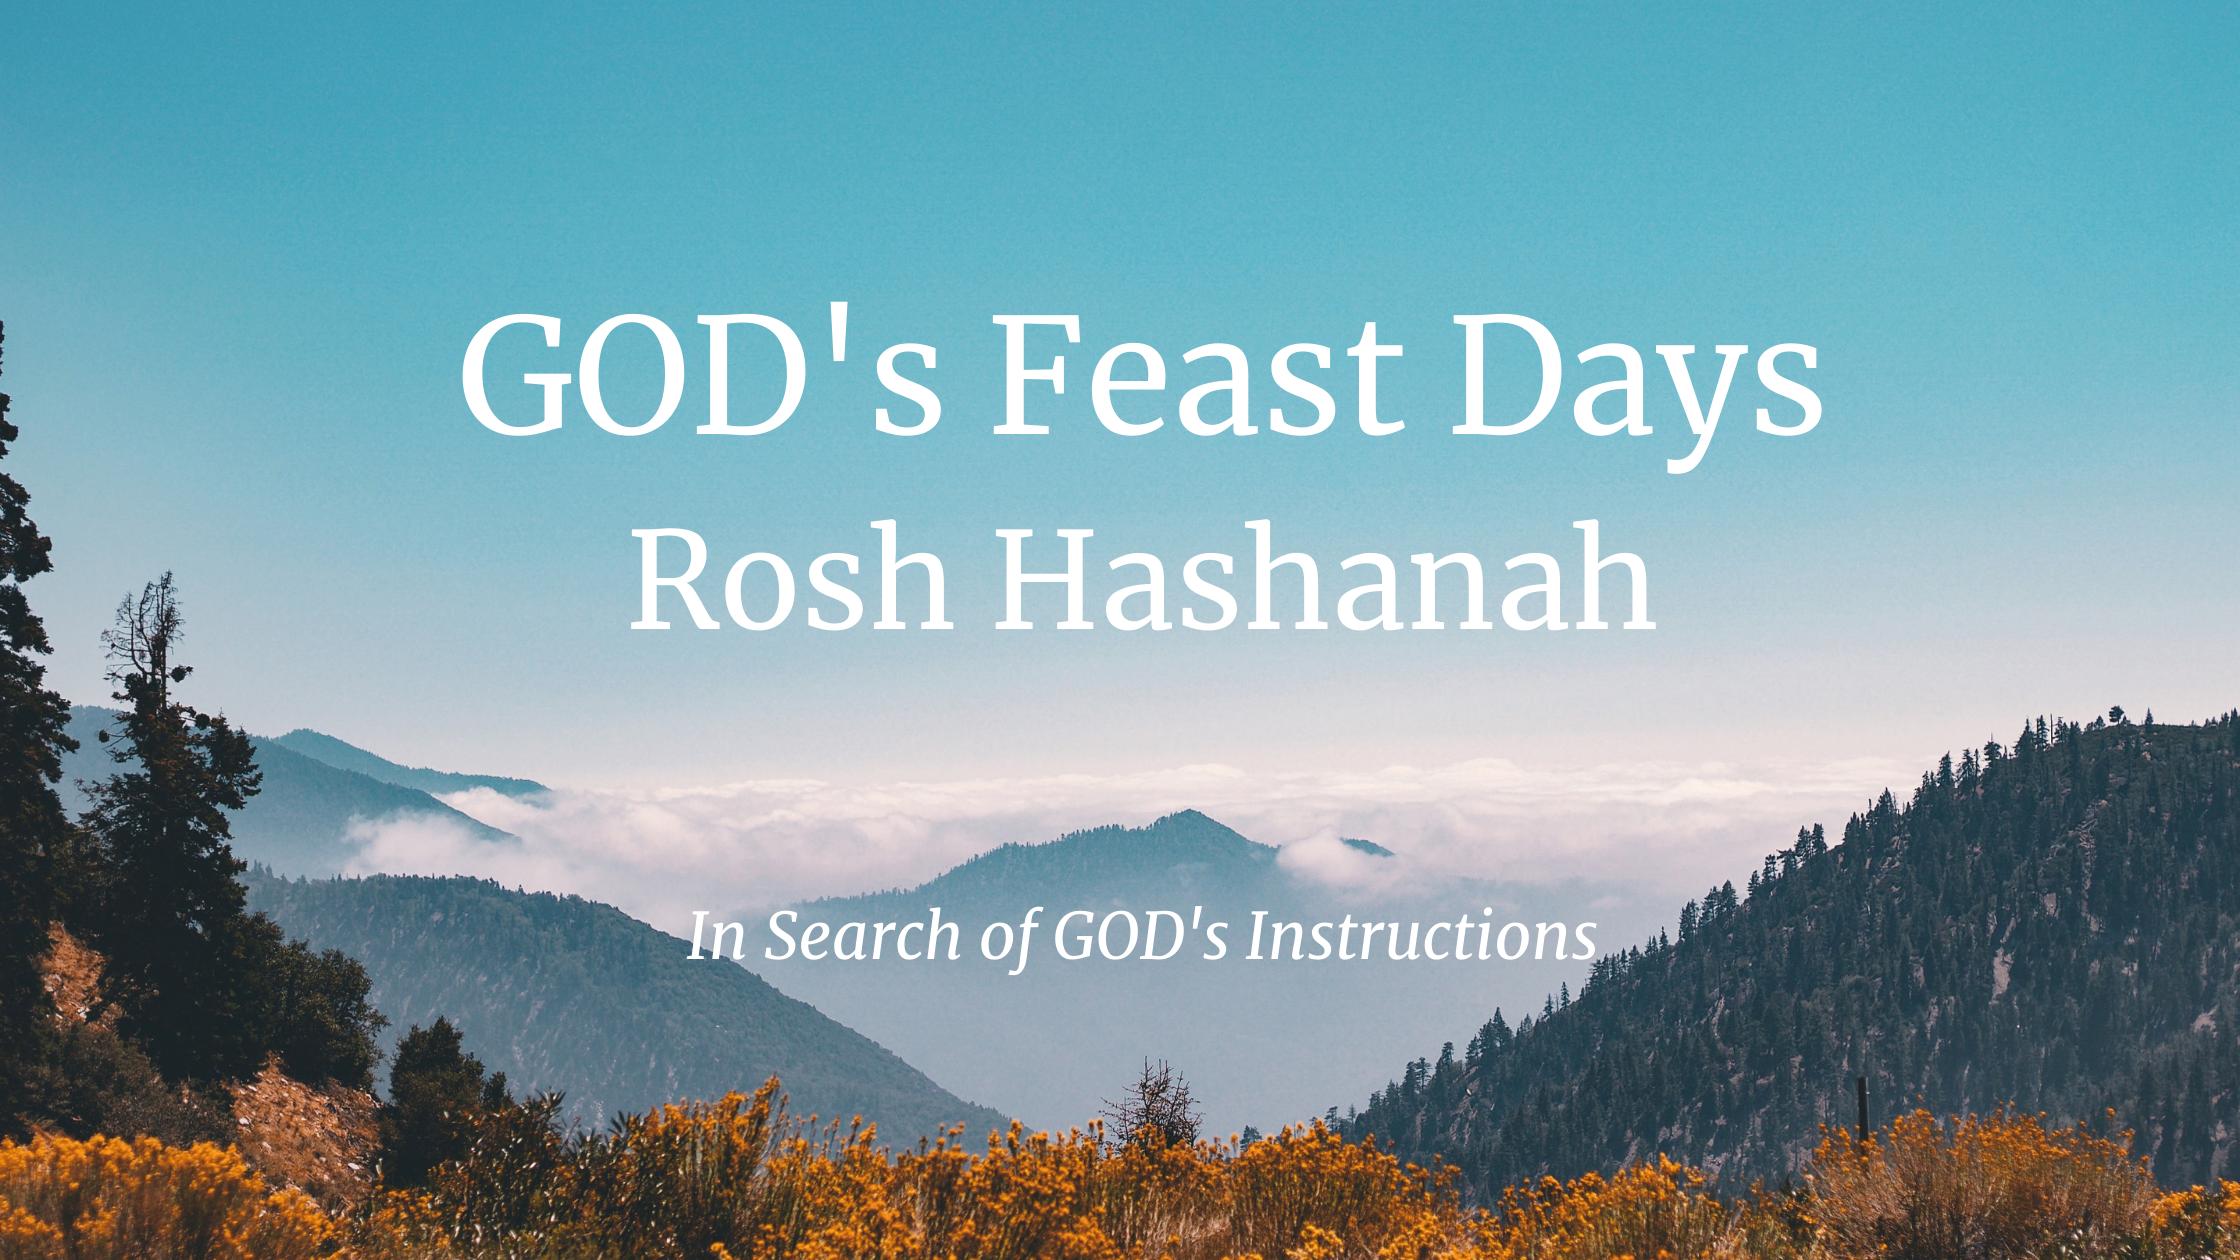 GOD's Feast Days – Rosh Hashanah